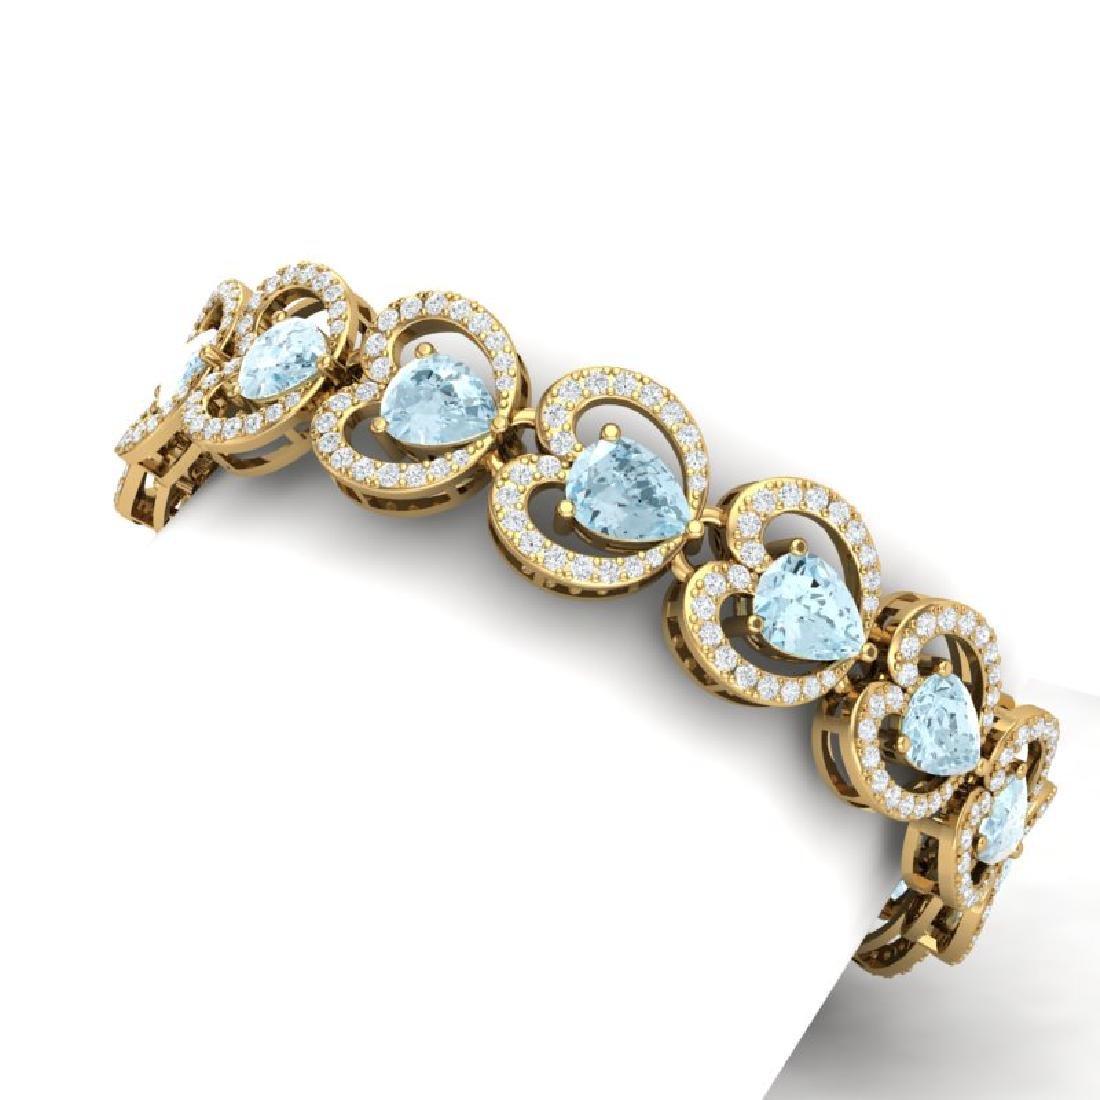 33.43 CTW Royalty Sky Topaz & VS Diamond Bracelet 18K